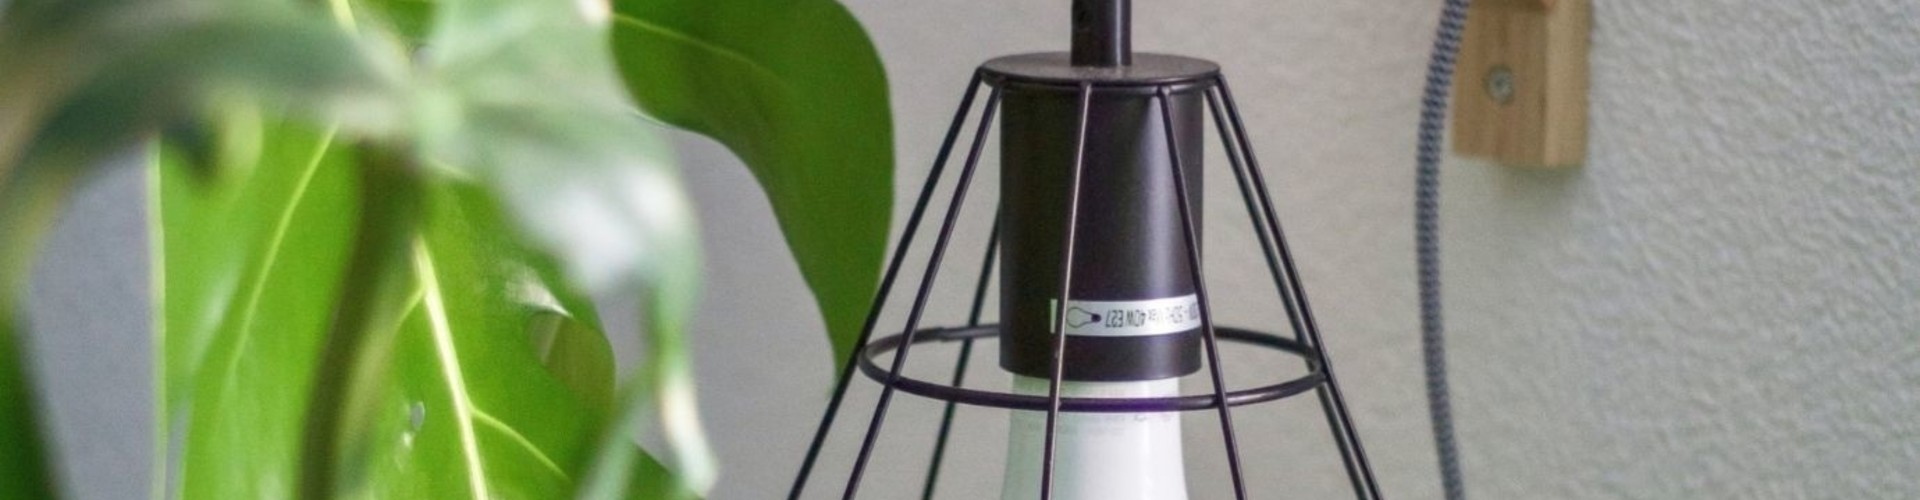 Wandverlichting kopen voor in huis